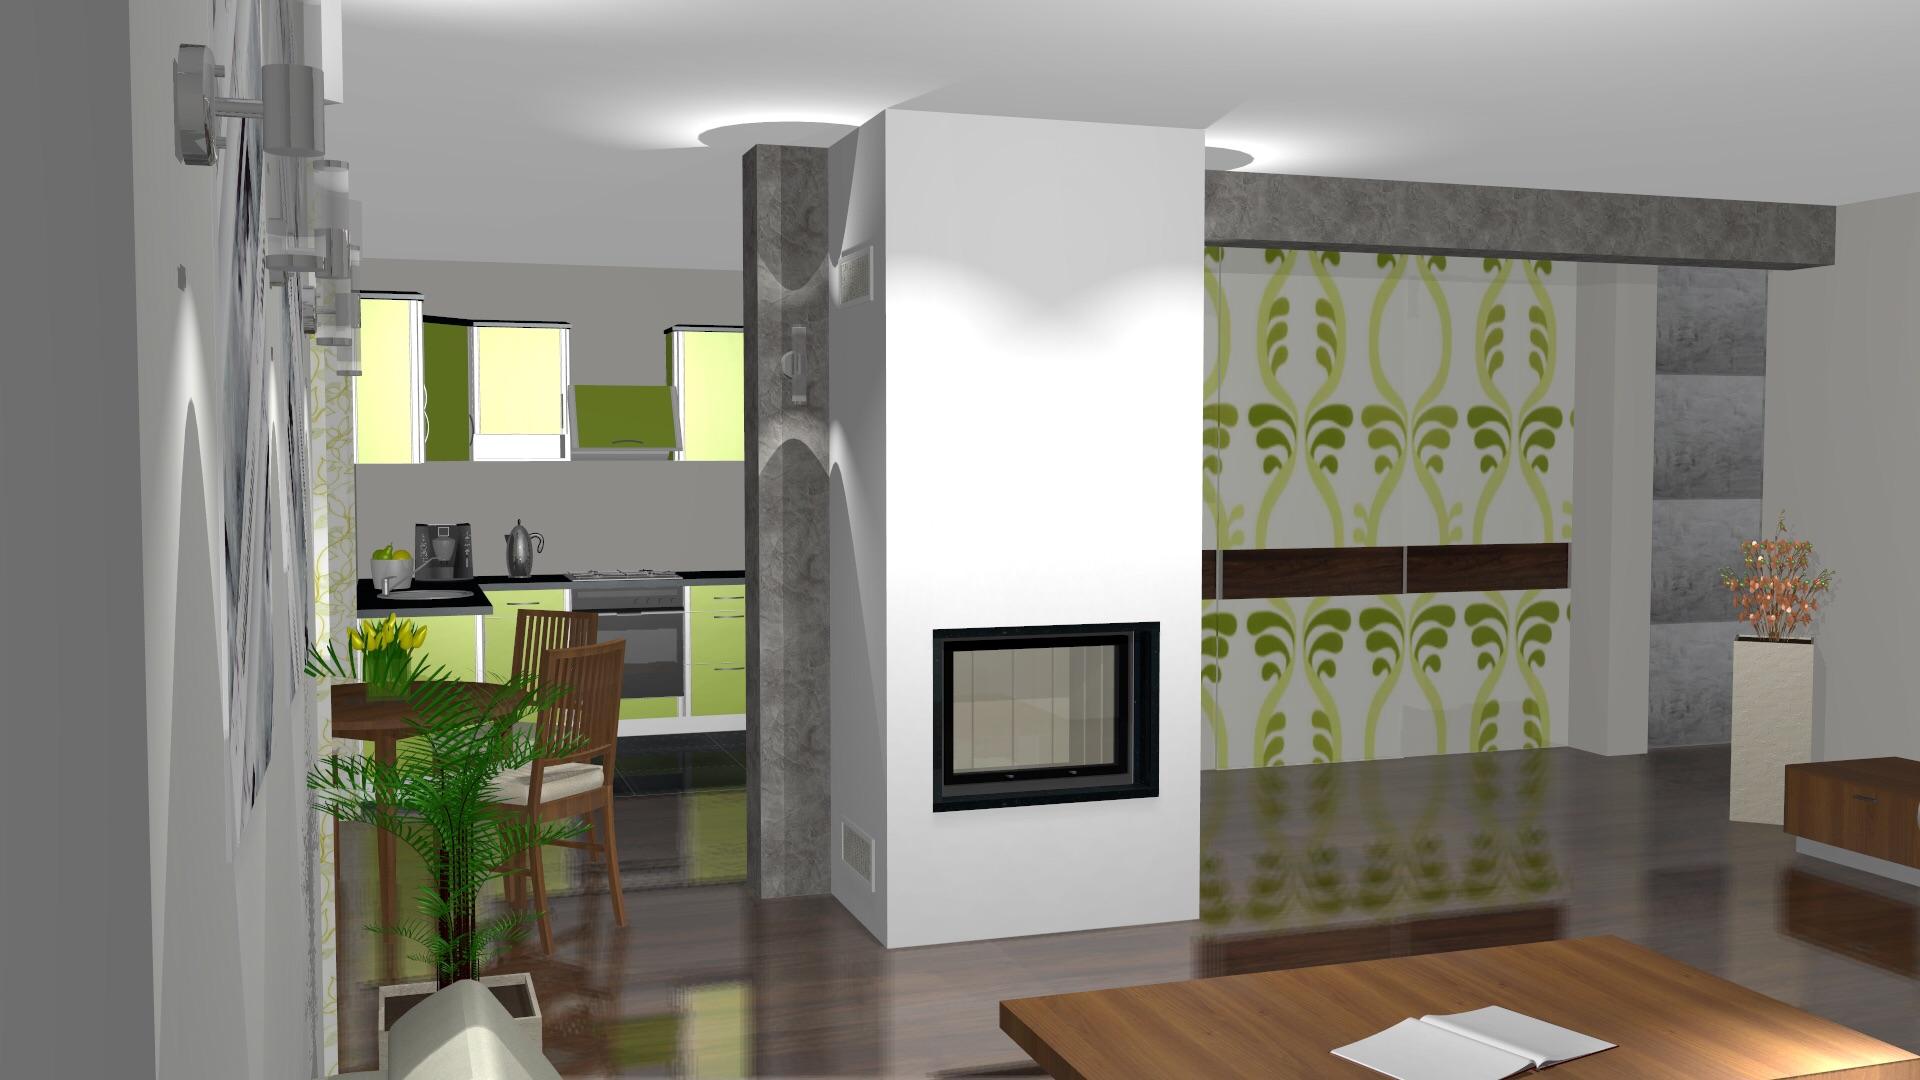 moderner kamin zp1 mit montage. Black Bedroom Furniture Sets. Home Design Ideas